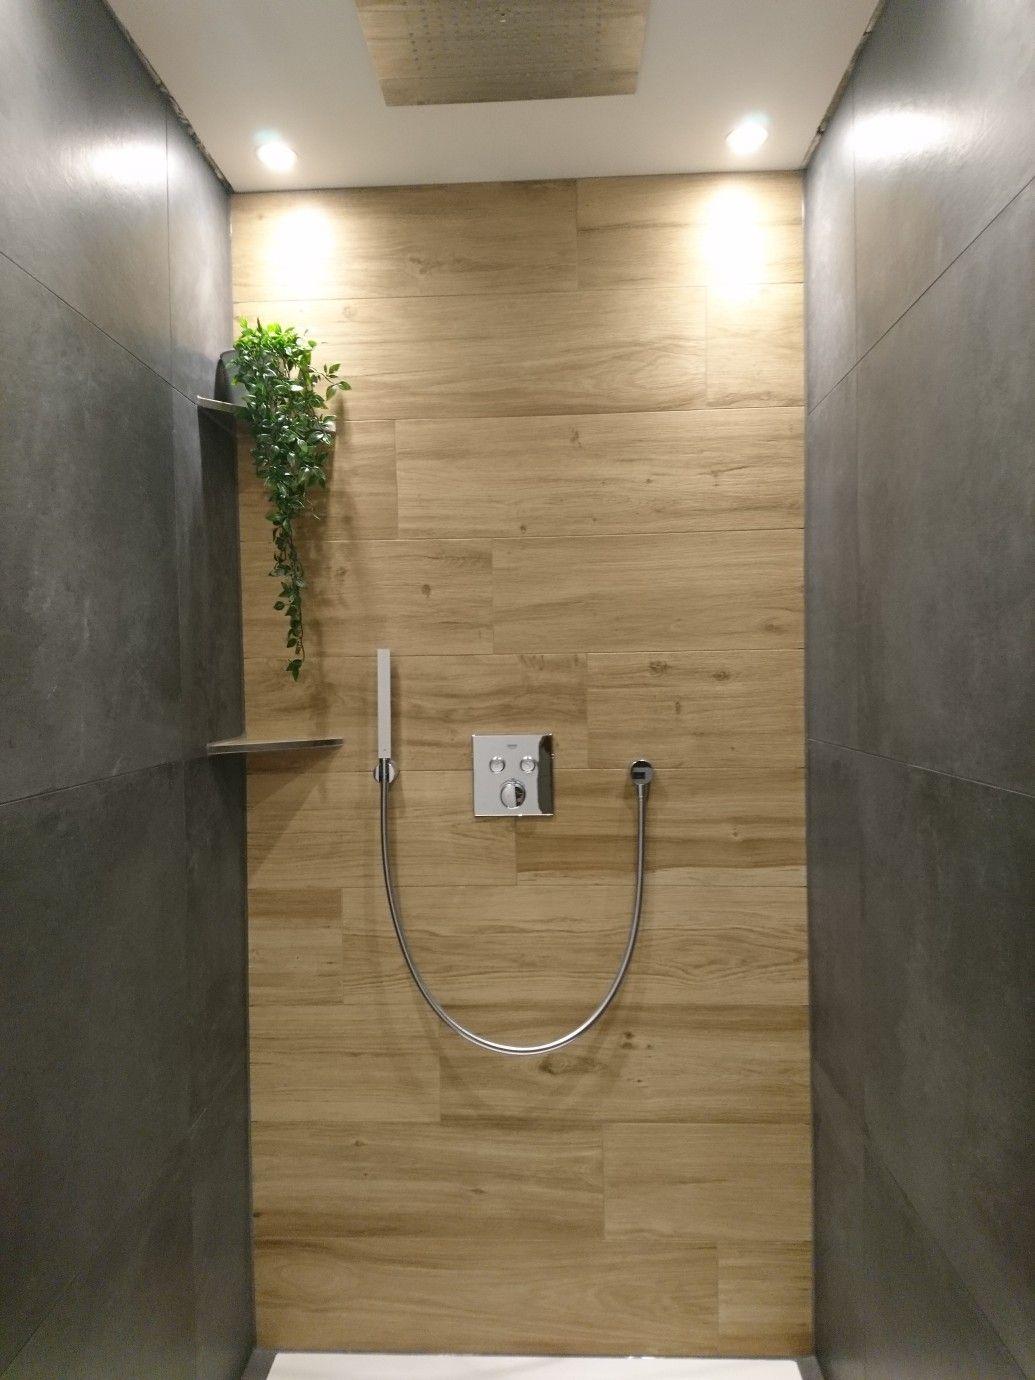 Pin Von Aline Mamer Auf Badezimmer In 2020 Badezimmer Dusche Fliesen Fliesen Holzoptik Bad Dusche Fliesen